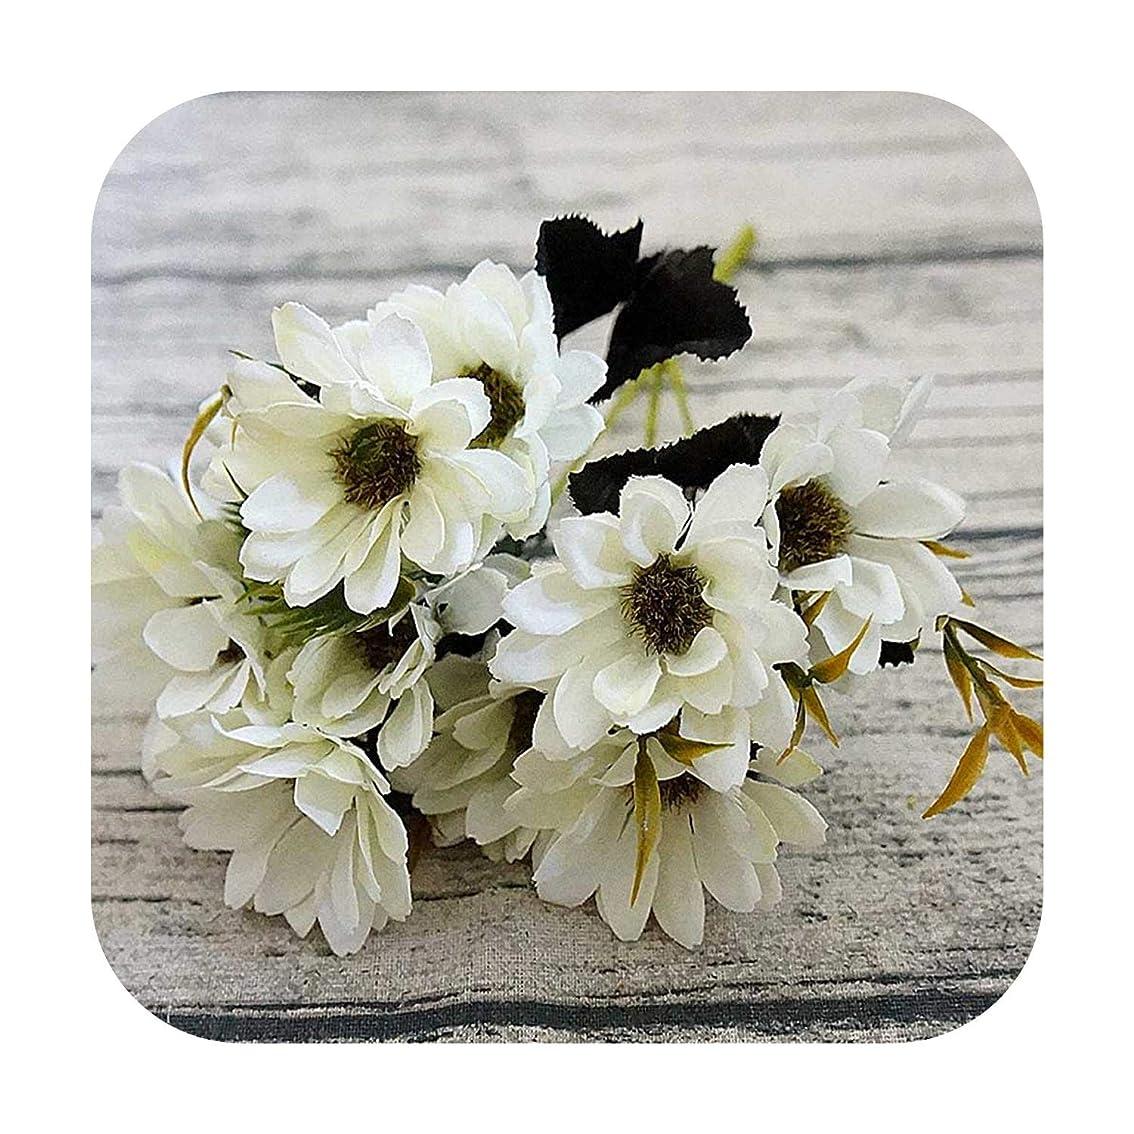 統治可能咲く過剰10heads / 1bundleシルクデイジー花嫁の花束用クリスマスホームウェディング新年装飾偽植物ひまわり造花-white-